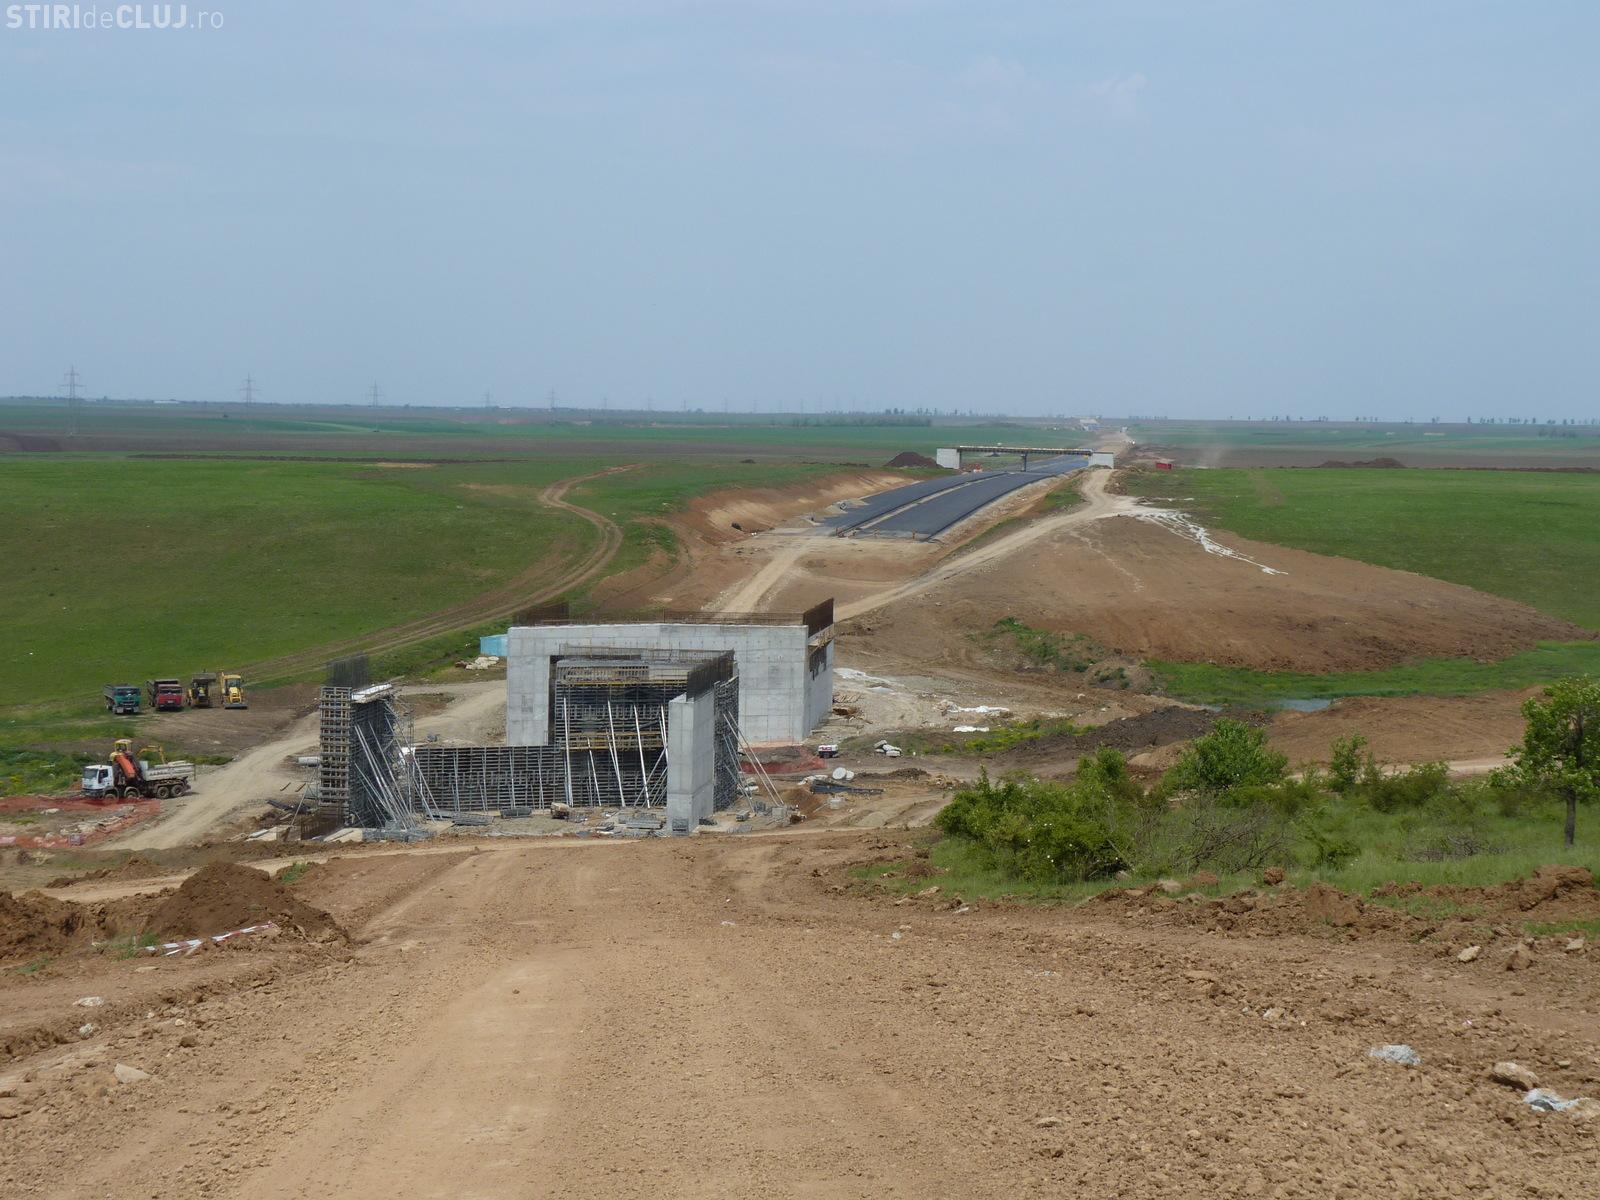 Autostrada Deva - Orăştie filmată de la înălțime! Totul ar trebui terminat până în decembrie 2013 - VIDEO